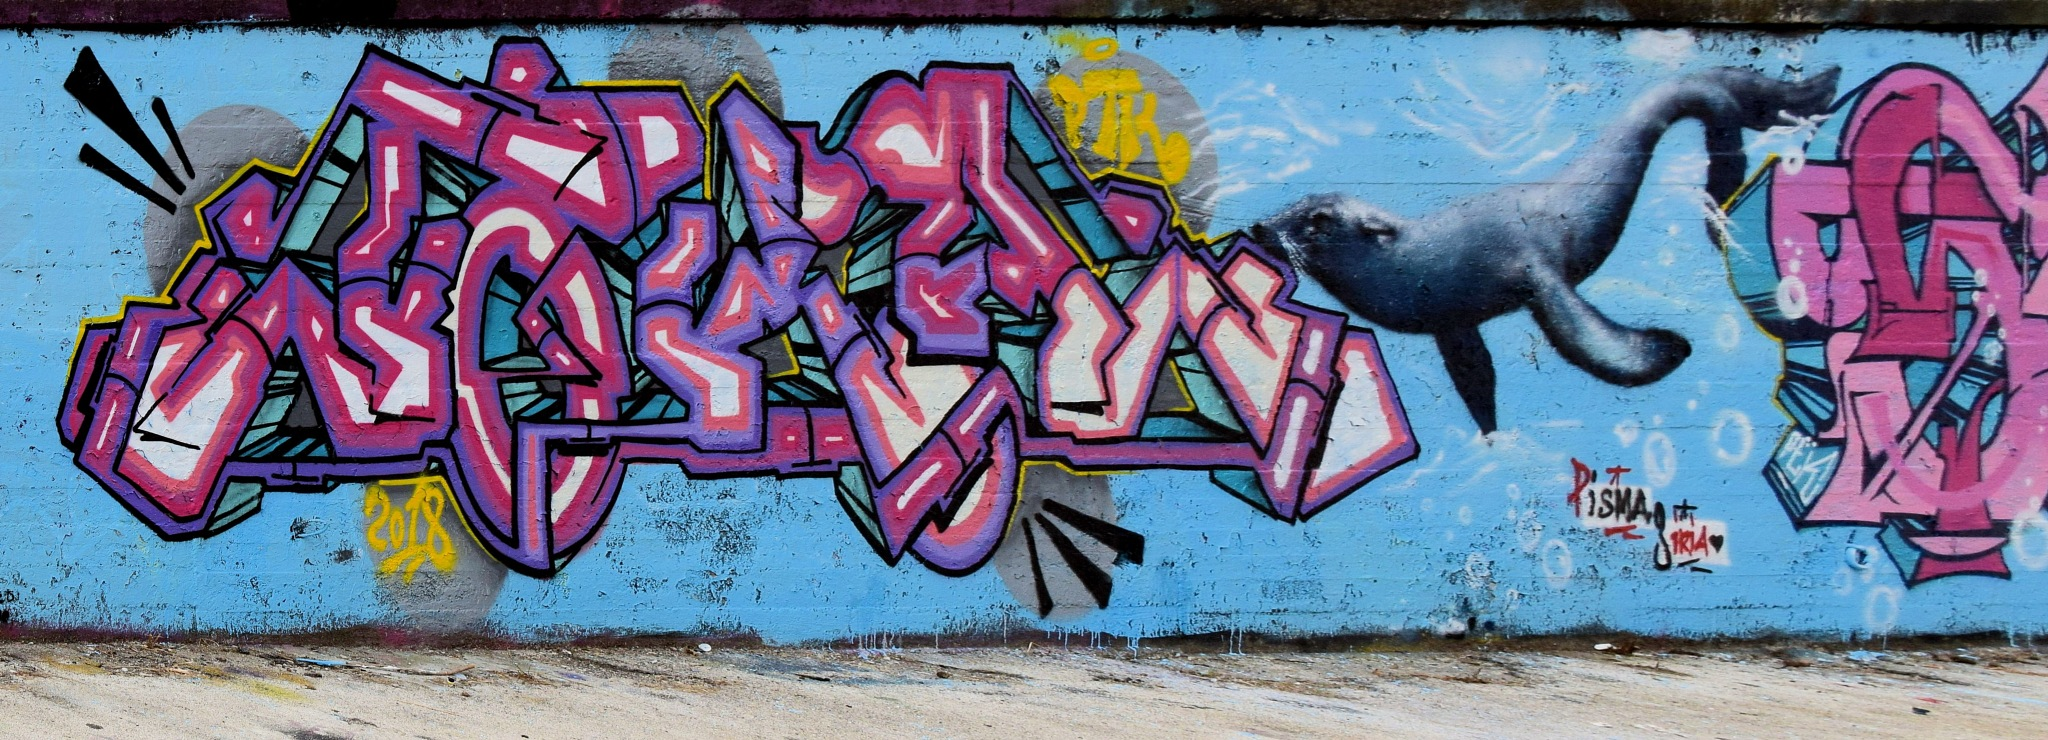 Napoli Bagnoli - Pisma & Siria - Street Art - Happy The... Seal! - Viva la... Foca! - 2 by Arnaldo De Lisio